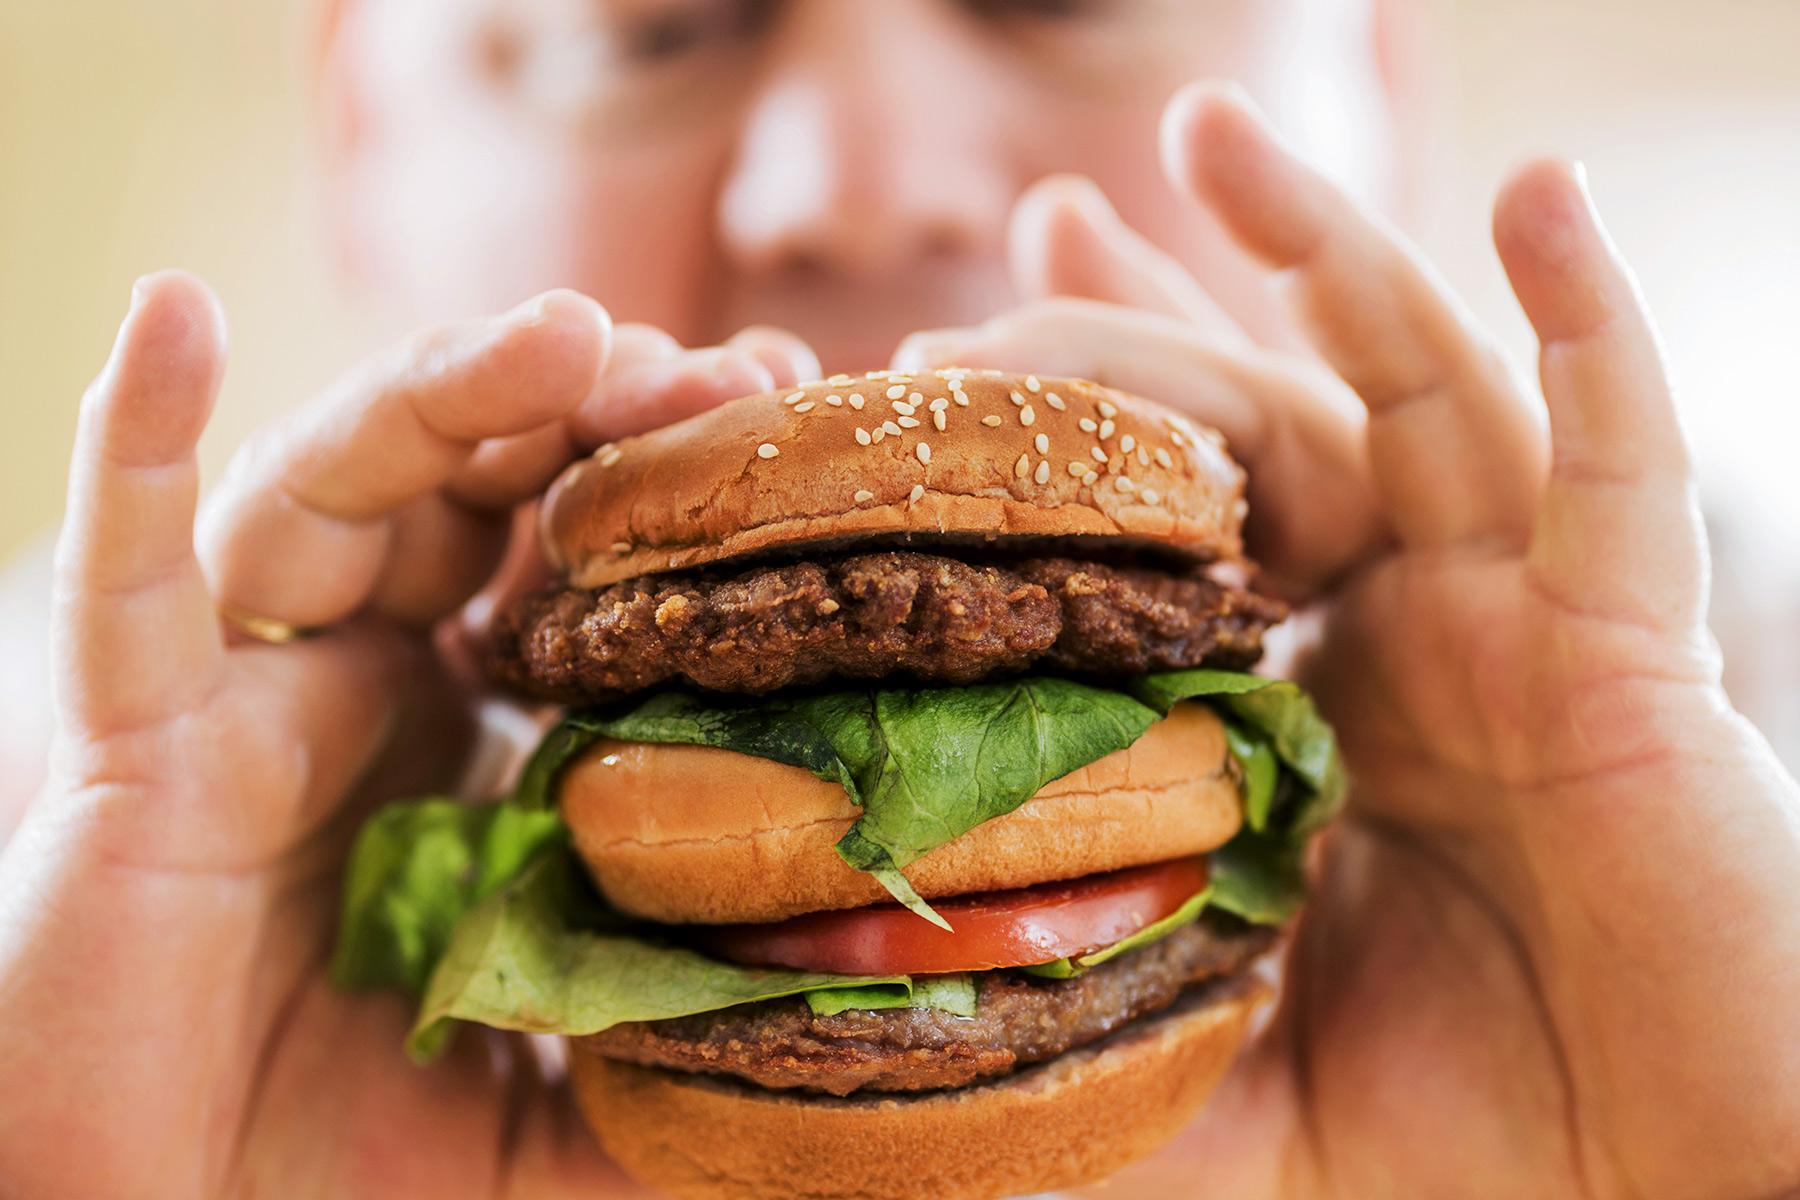 ترفندی ساده برای خلاص شدن از ولع شدید به مصرف فست فود